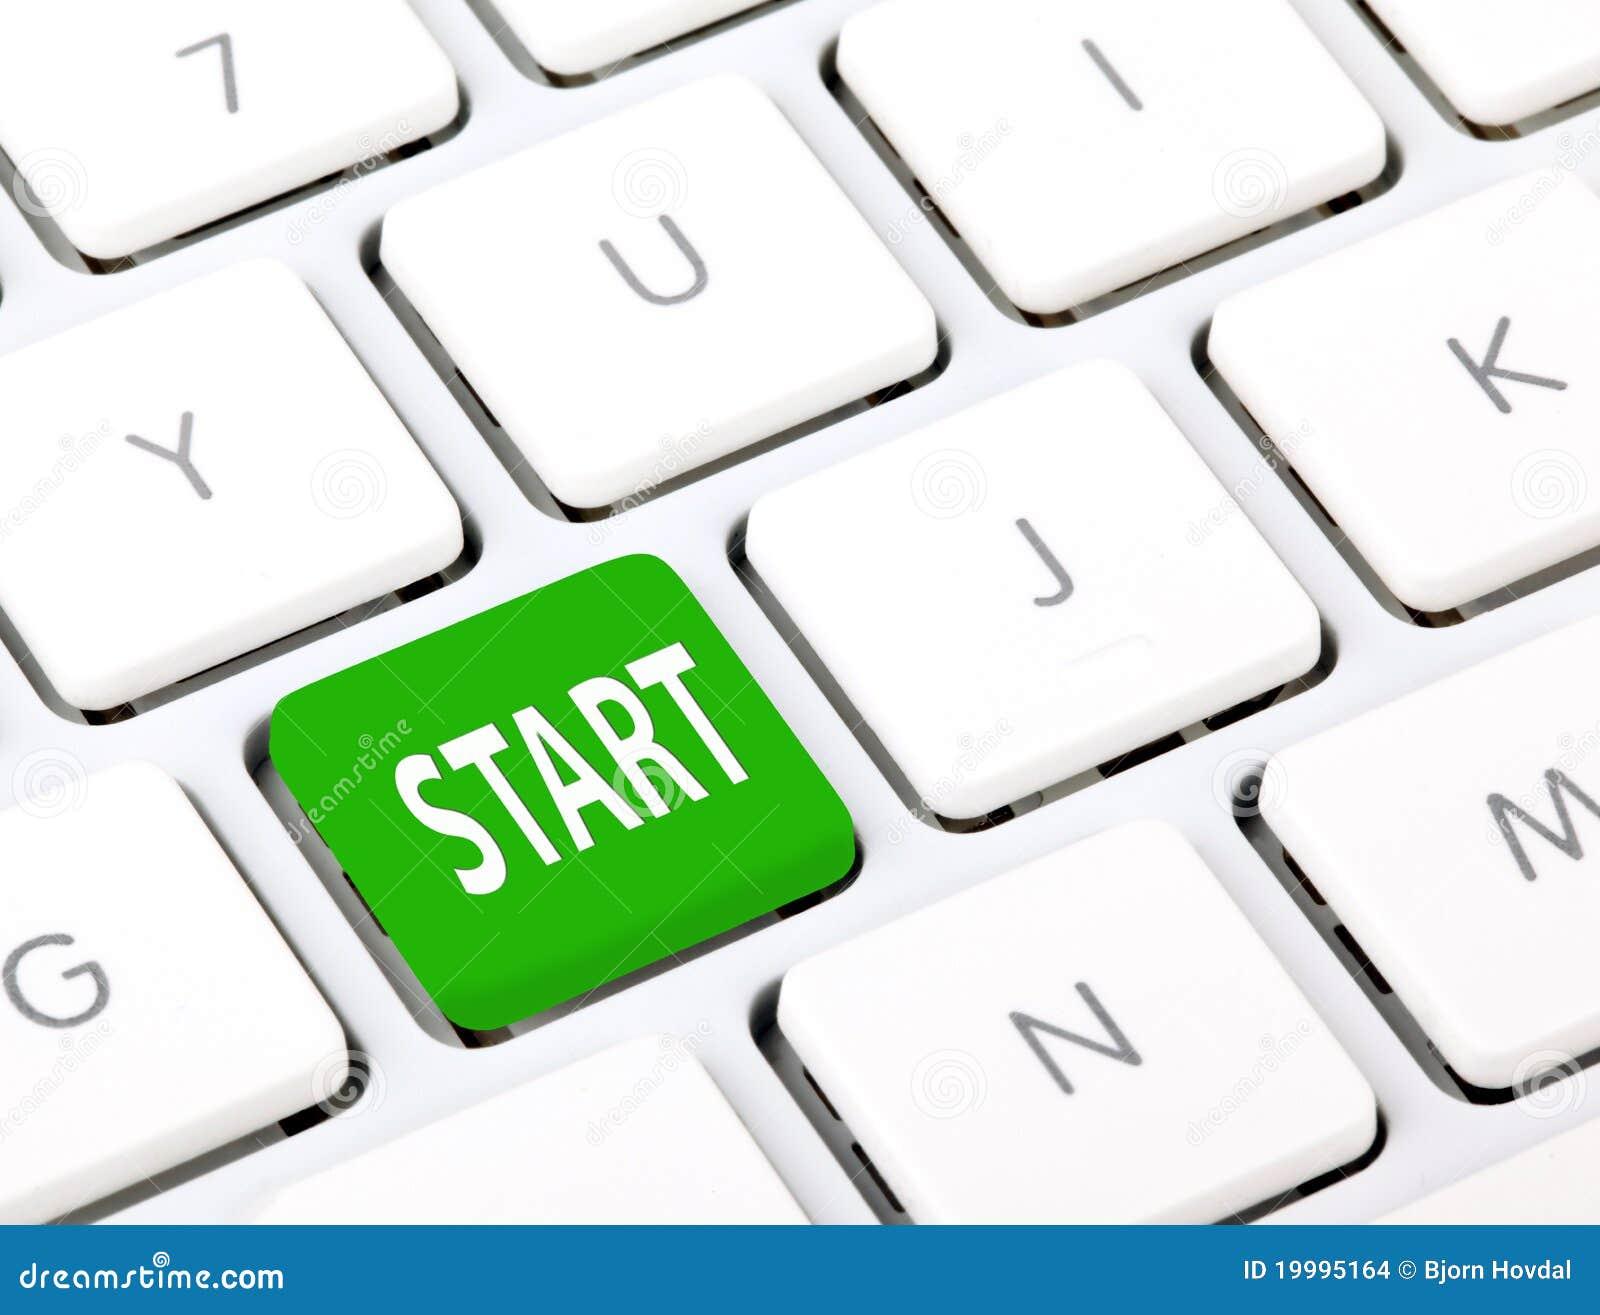 Comece no teclado